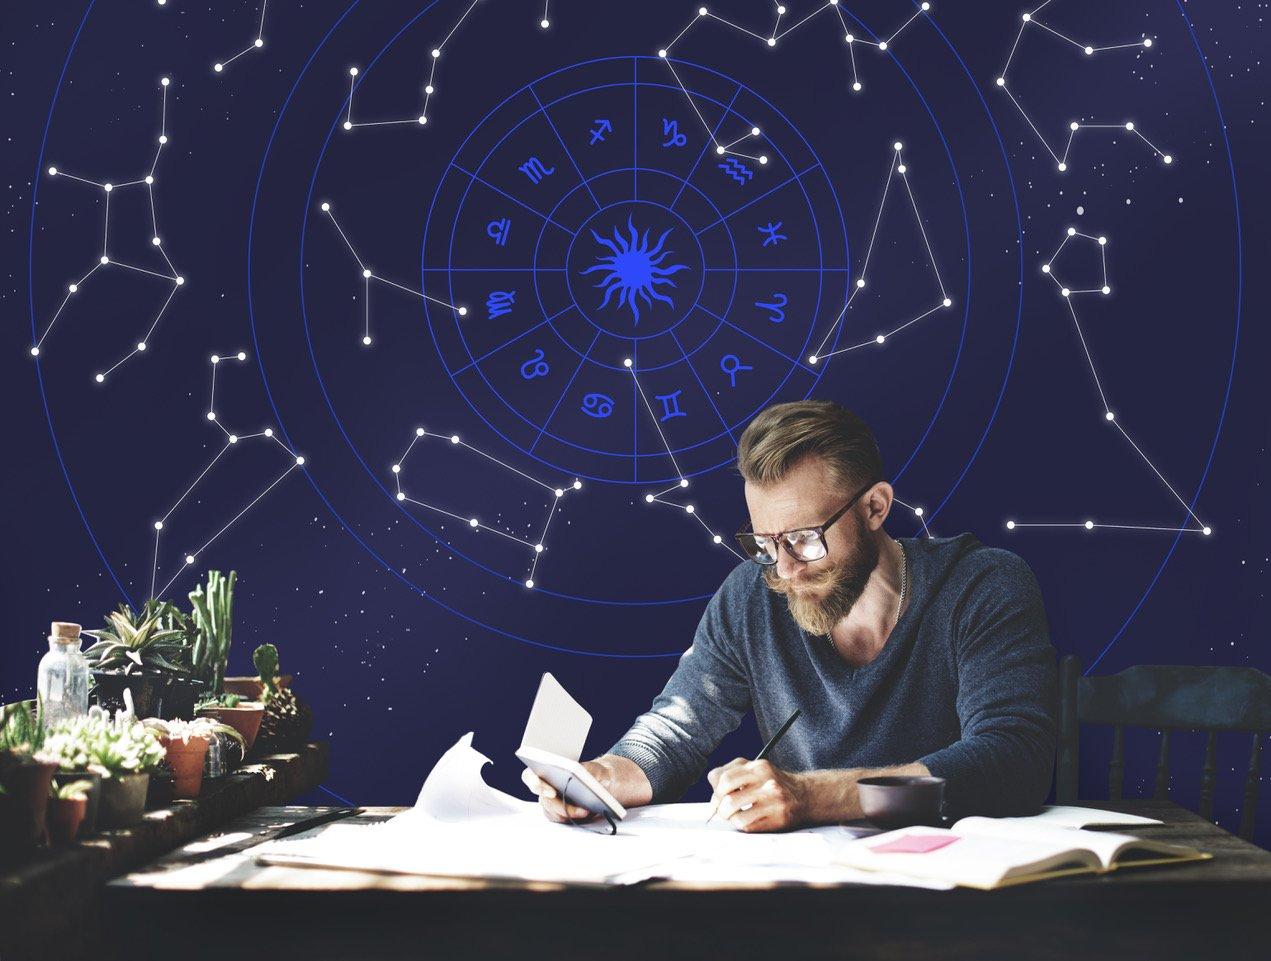 Как наука объясняет спиртизм, экзорцизм и «точность» гороскопов